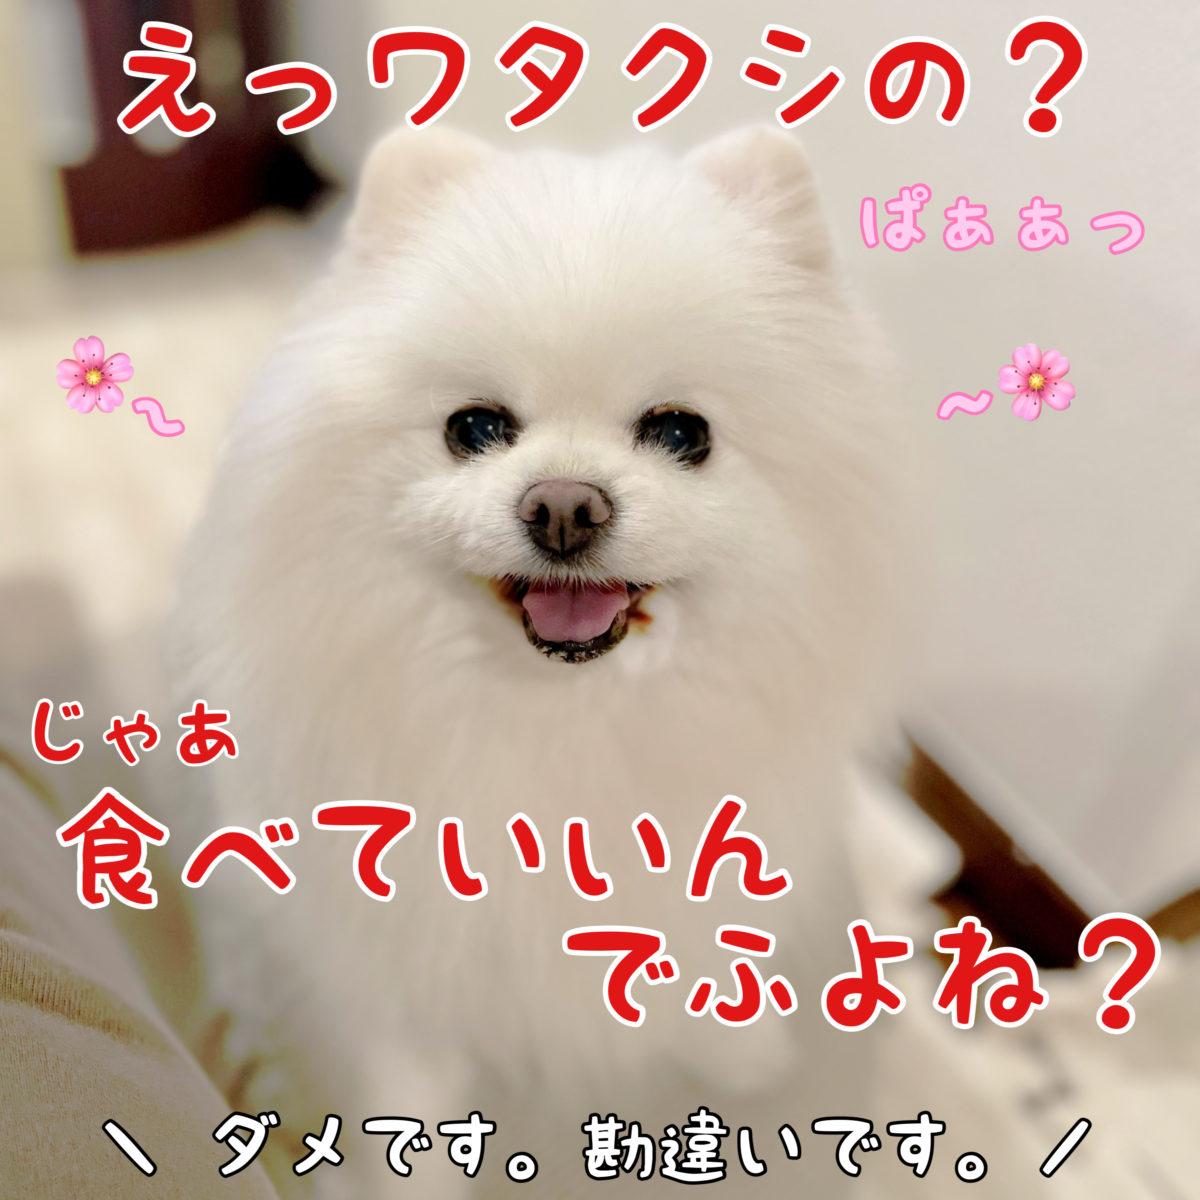 白ポメラニアンもふ: えっワタクシの?じゃあ食べていいんでふよね? ママちゃん: ダメです。勘違いです。